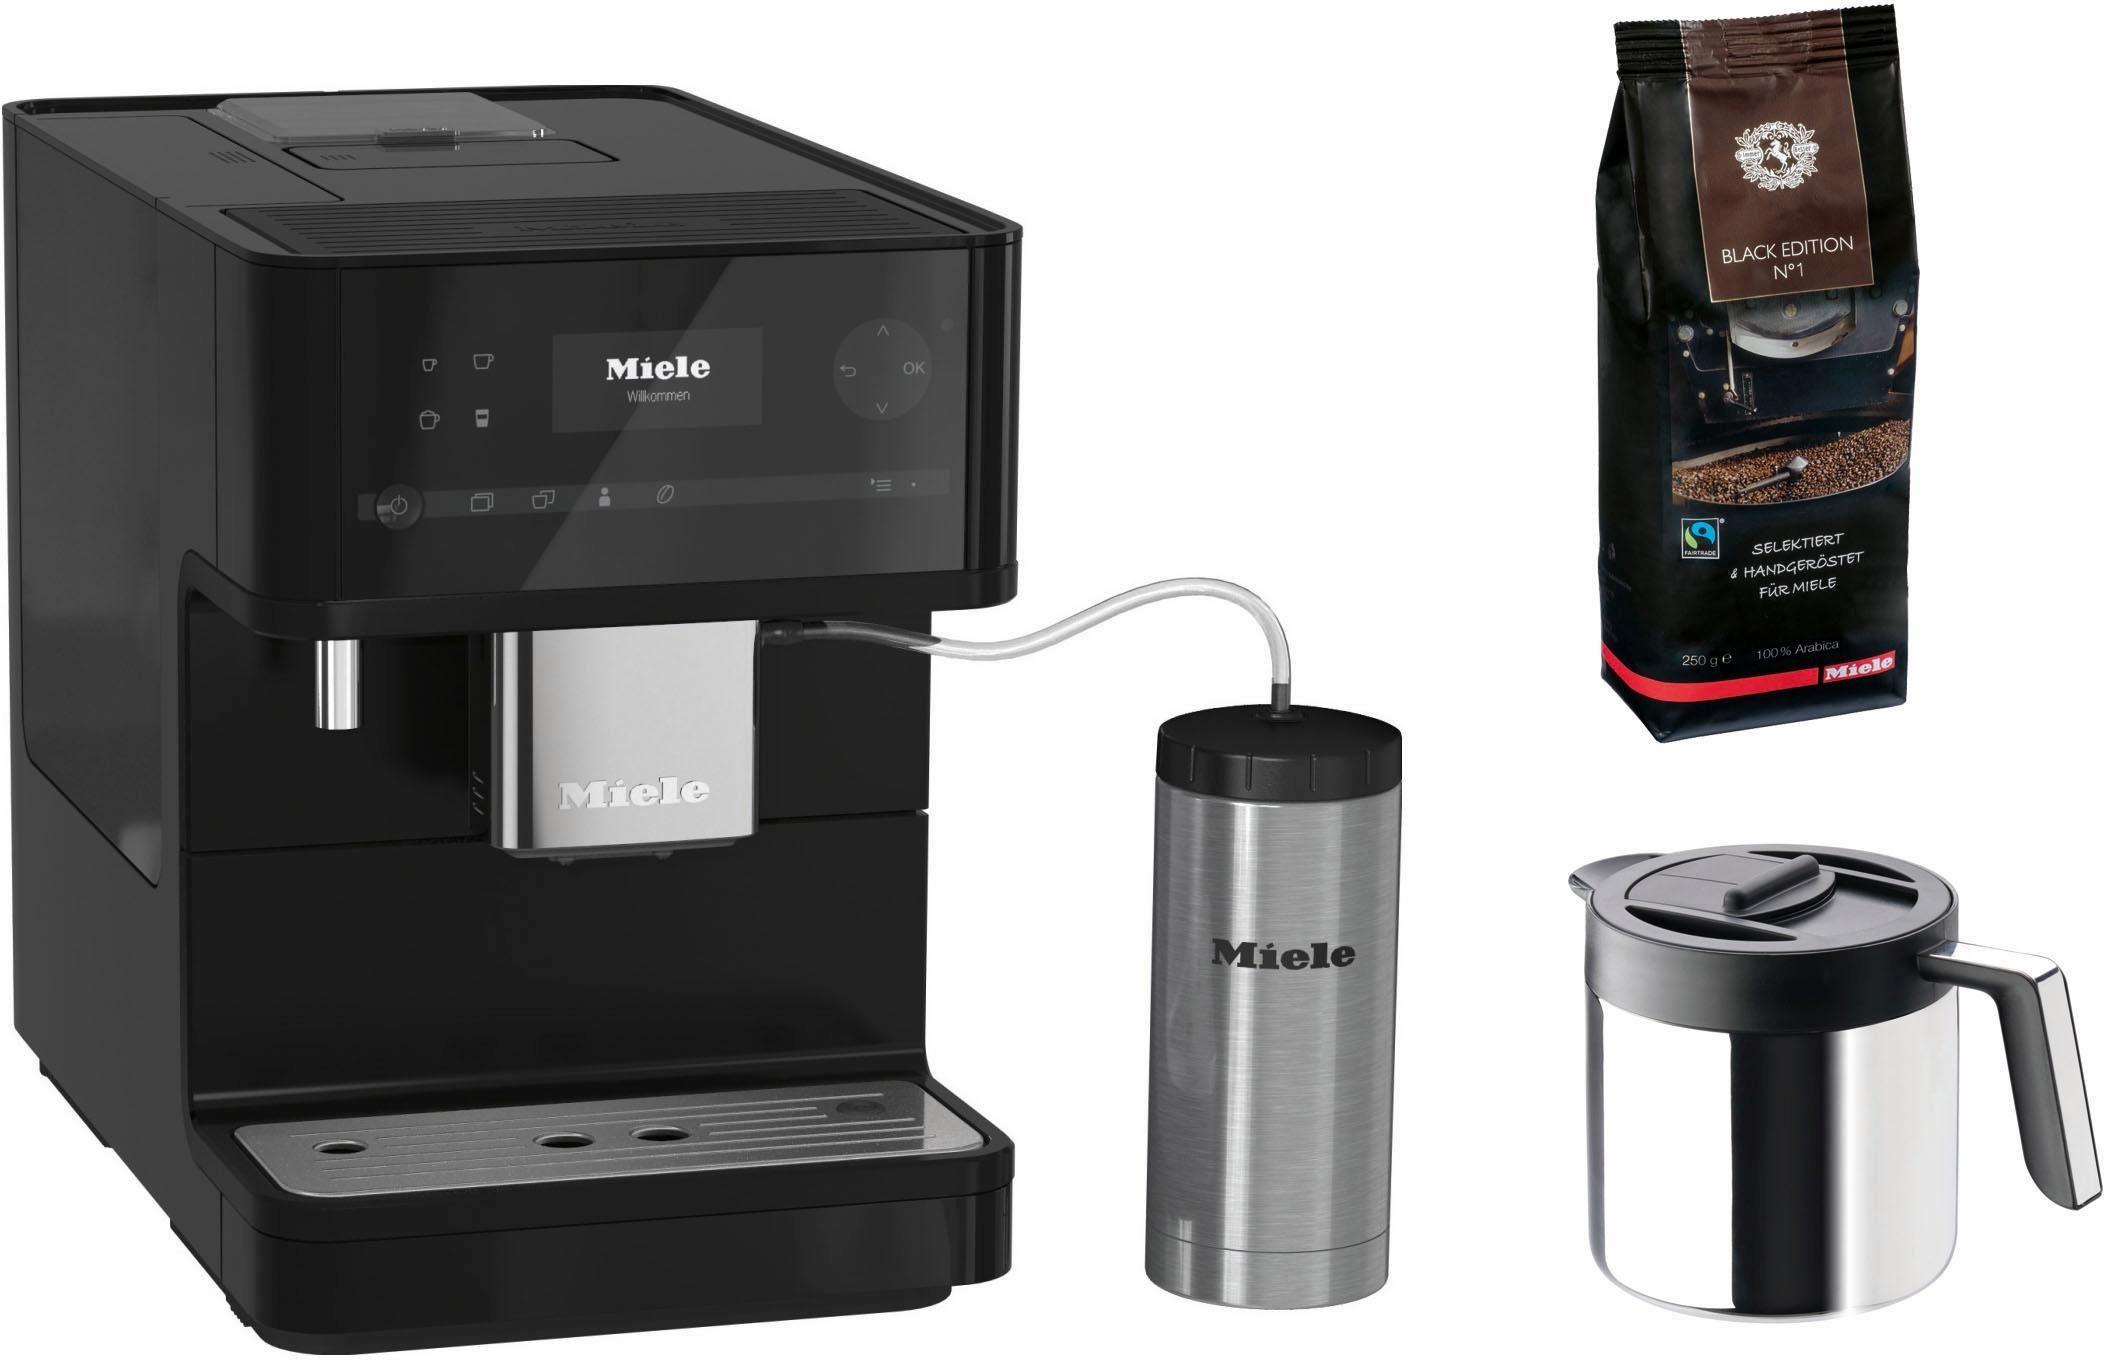 Miele Kaffeevollautomat CM6350 Black Editon, inkl. Gutschein für Gratis-Zubehör i.W.v. 134,90€ UVP